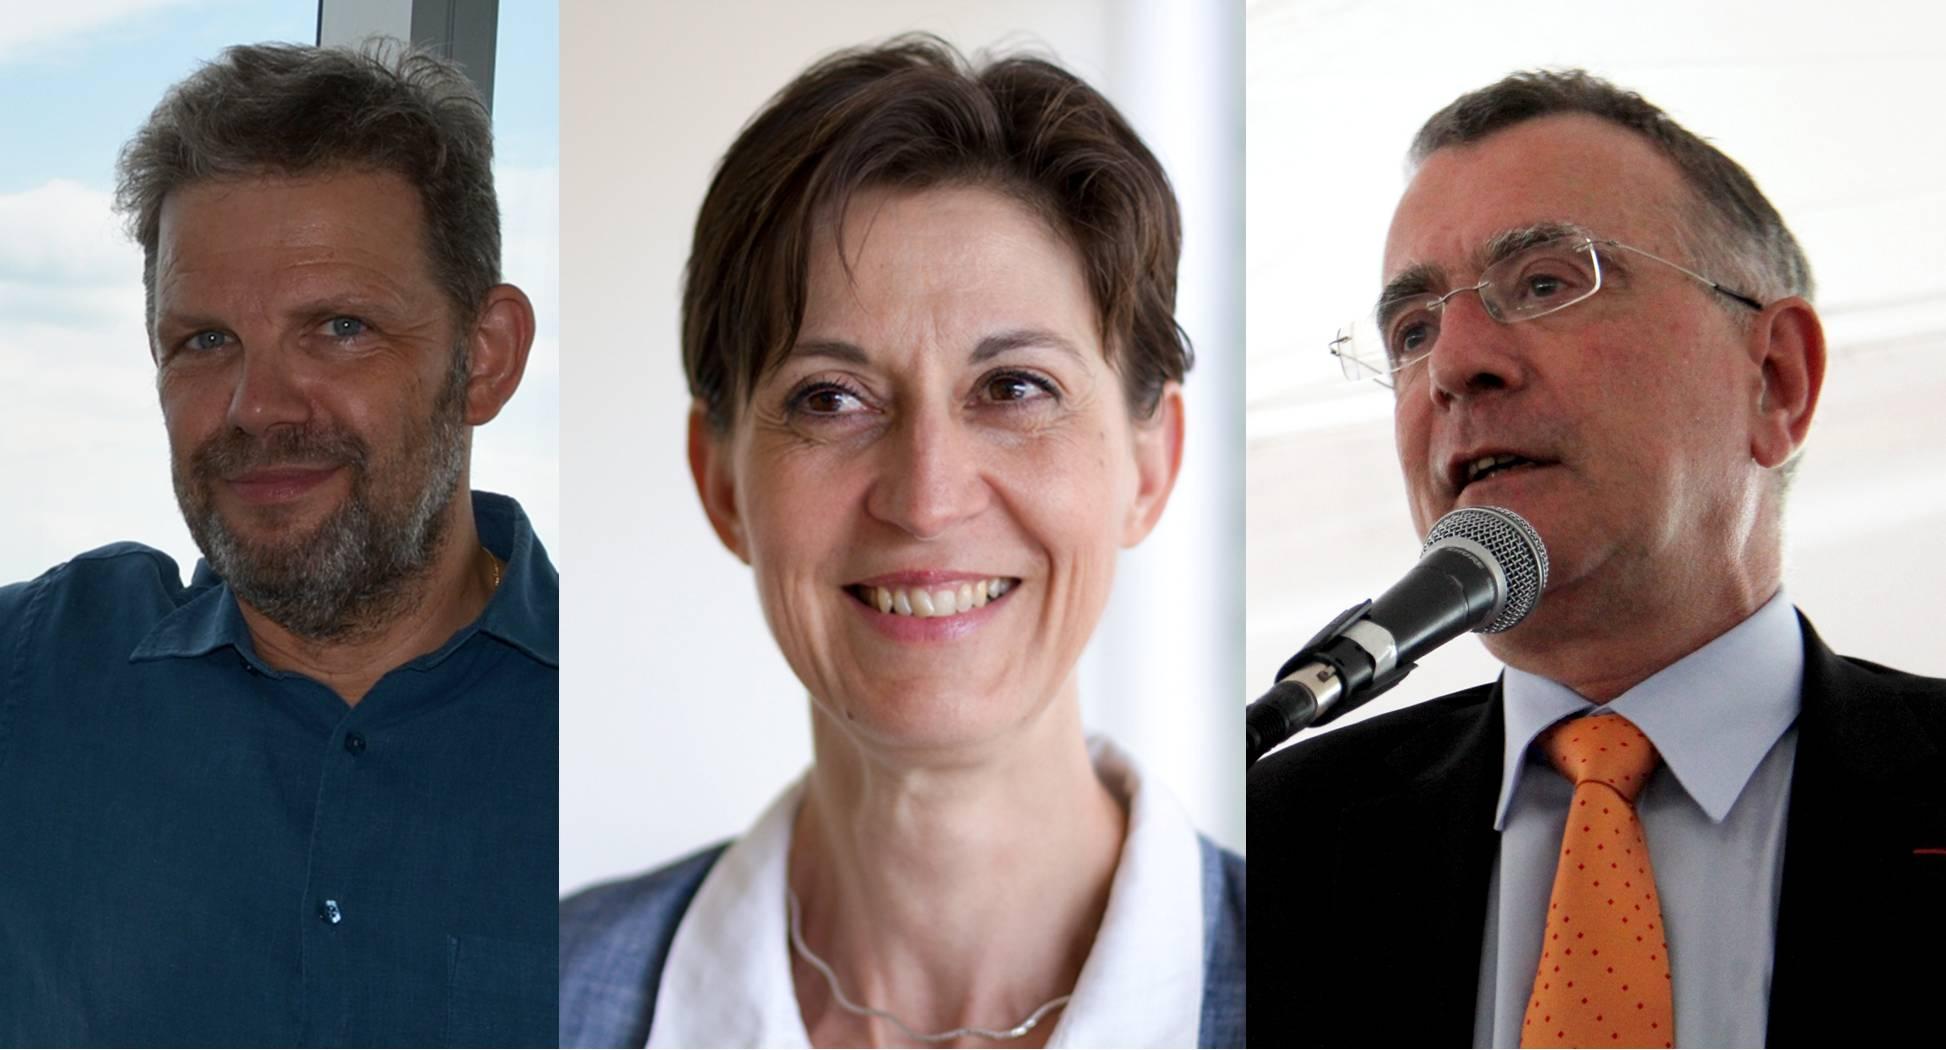 Entrevues exclusives avec nos diplomates : Nicolas Chibaeff, Catherine Feuillet et Nicolas Chapuis